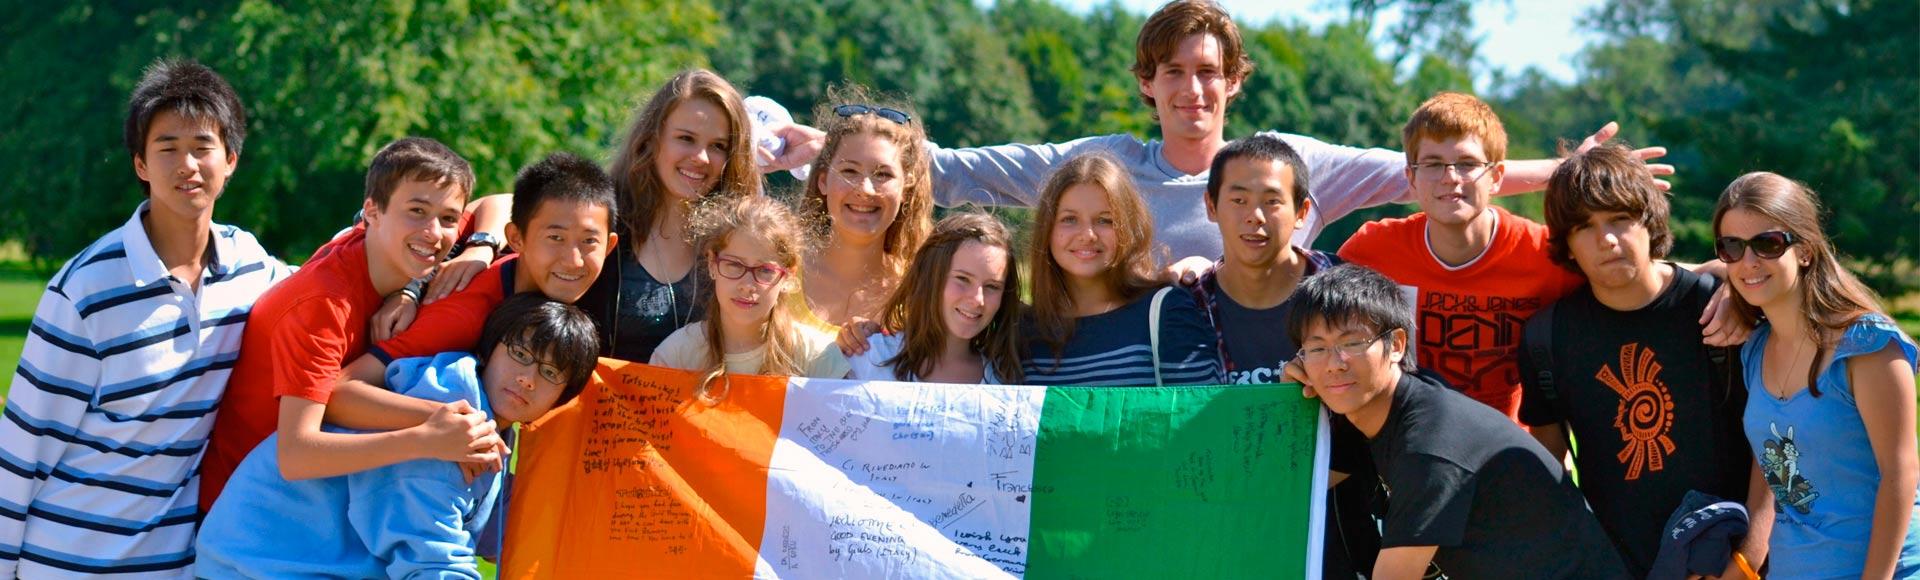 Curso de Inglés para Jóvenes en Malahide Irlanda